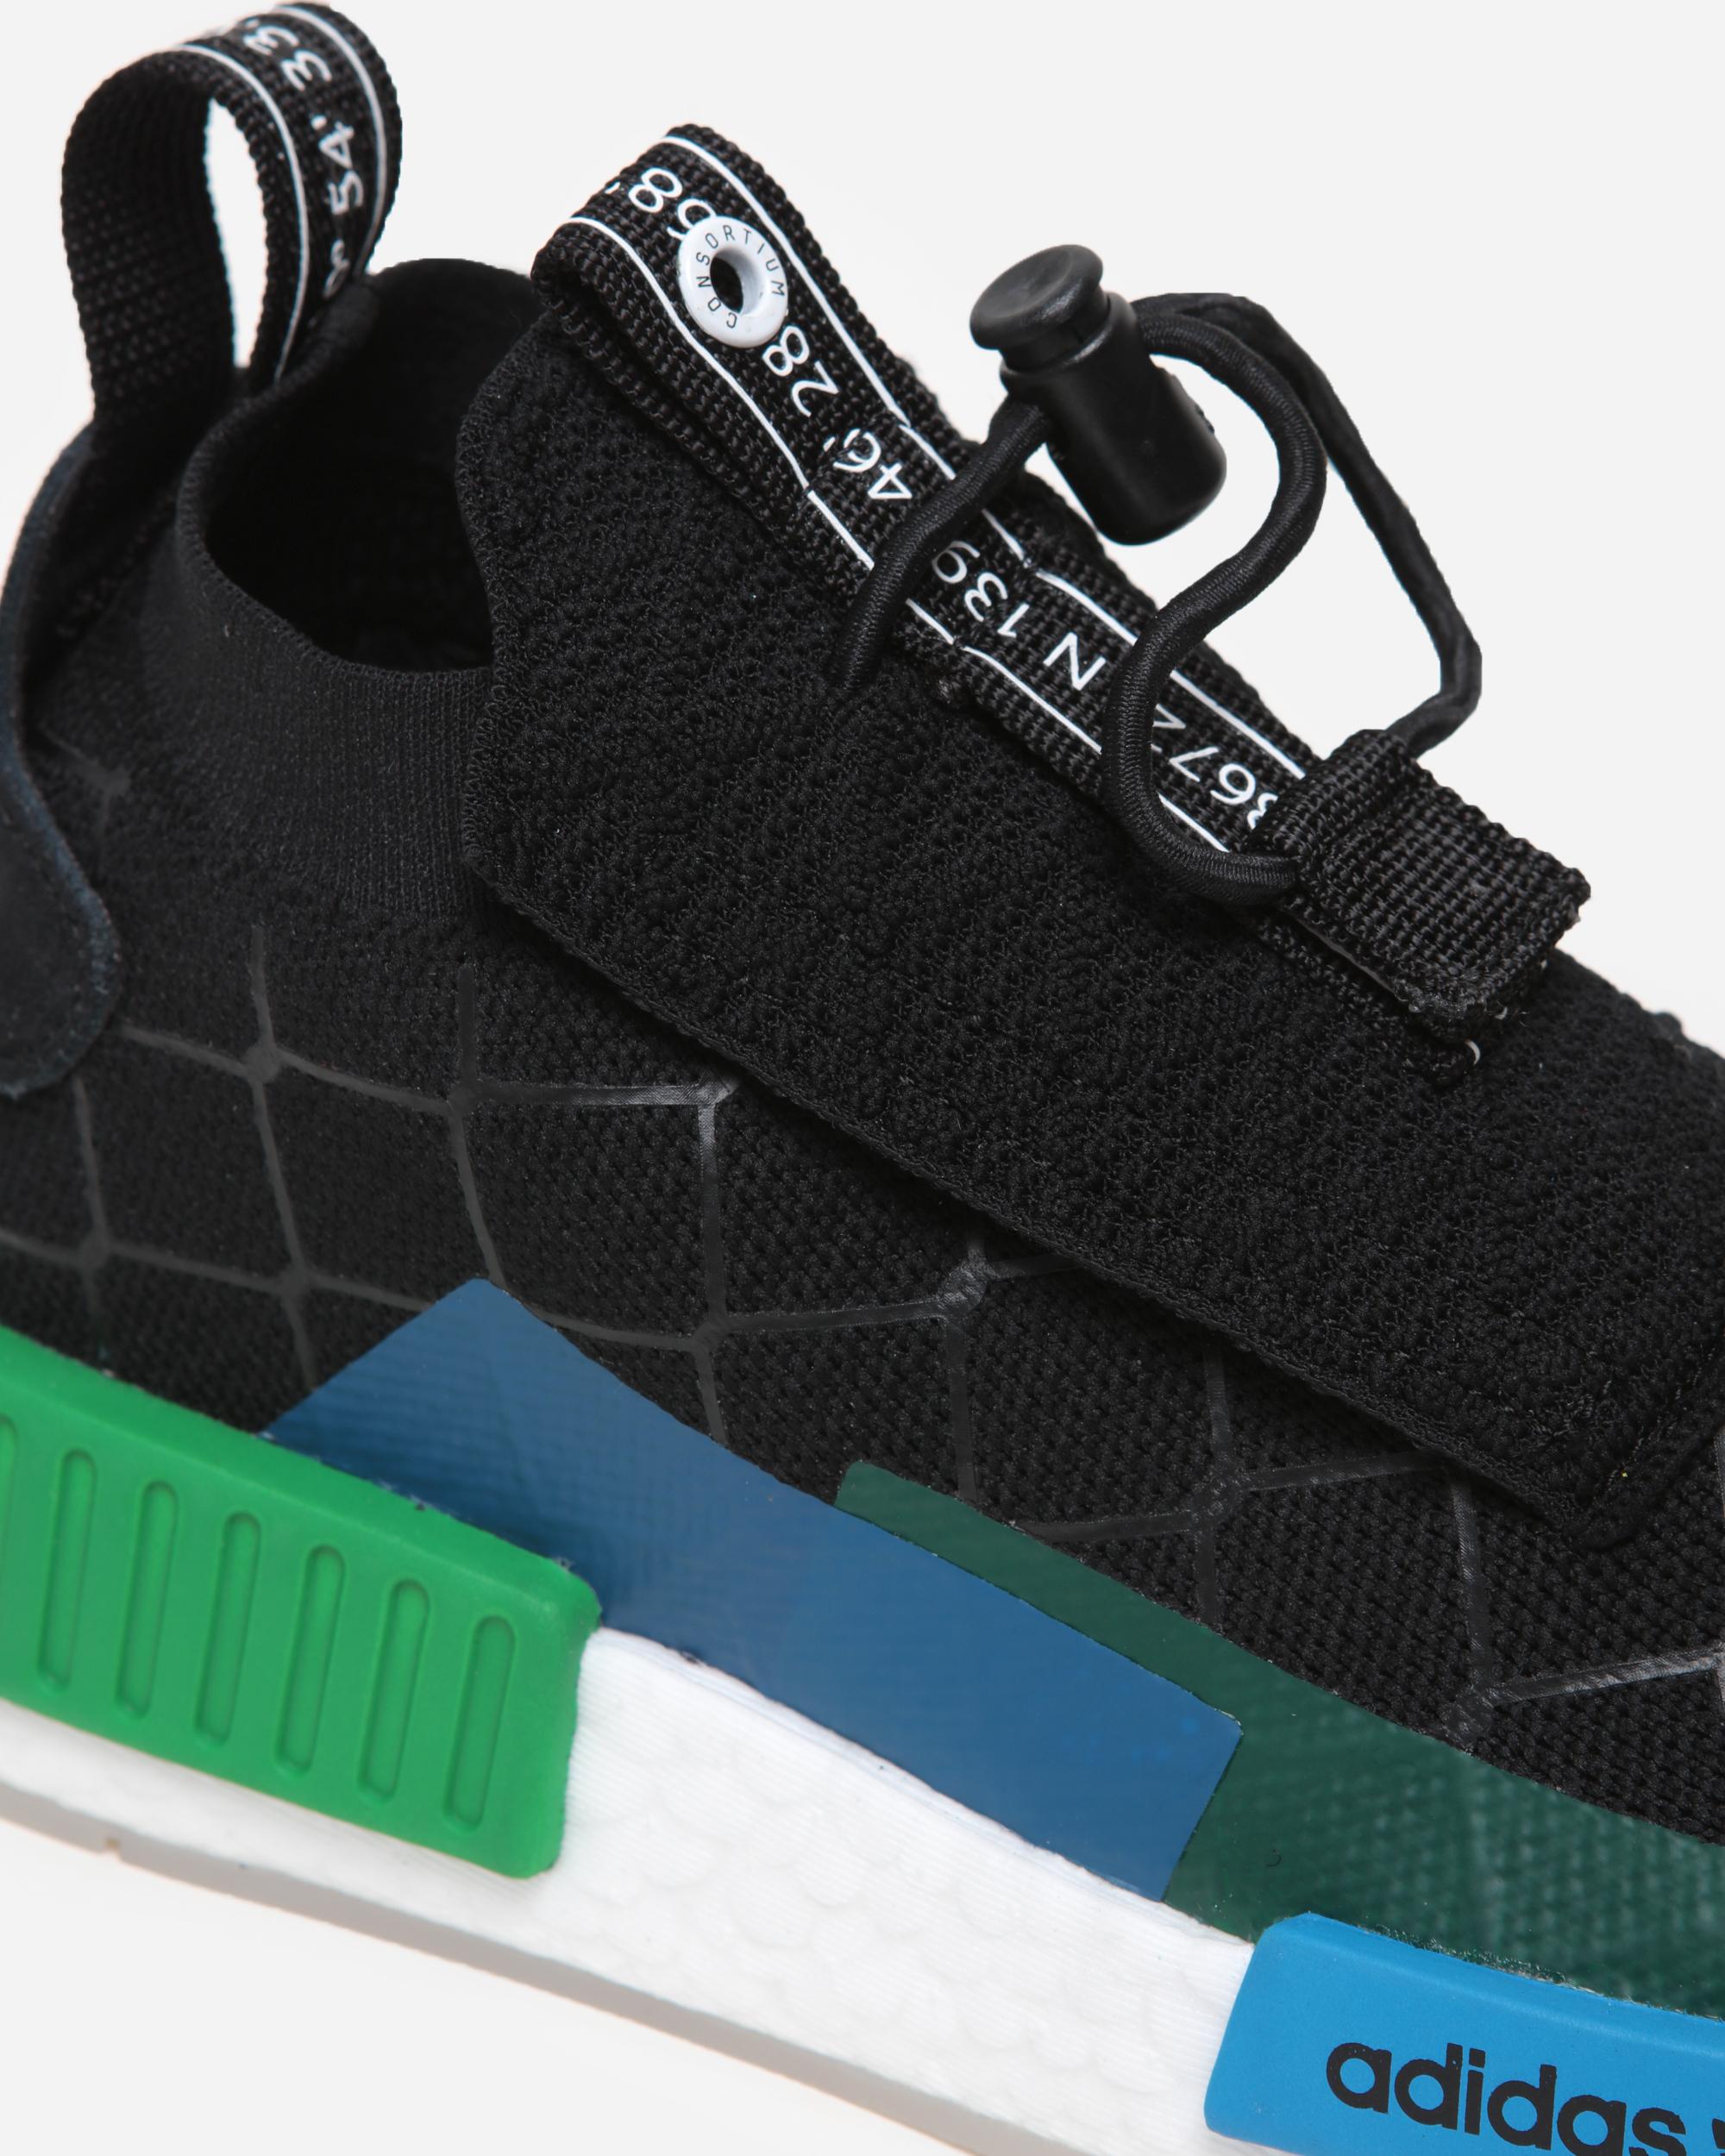 04-adidas-nmd_ts1-pk-mita-cages-coordinates-bc0333